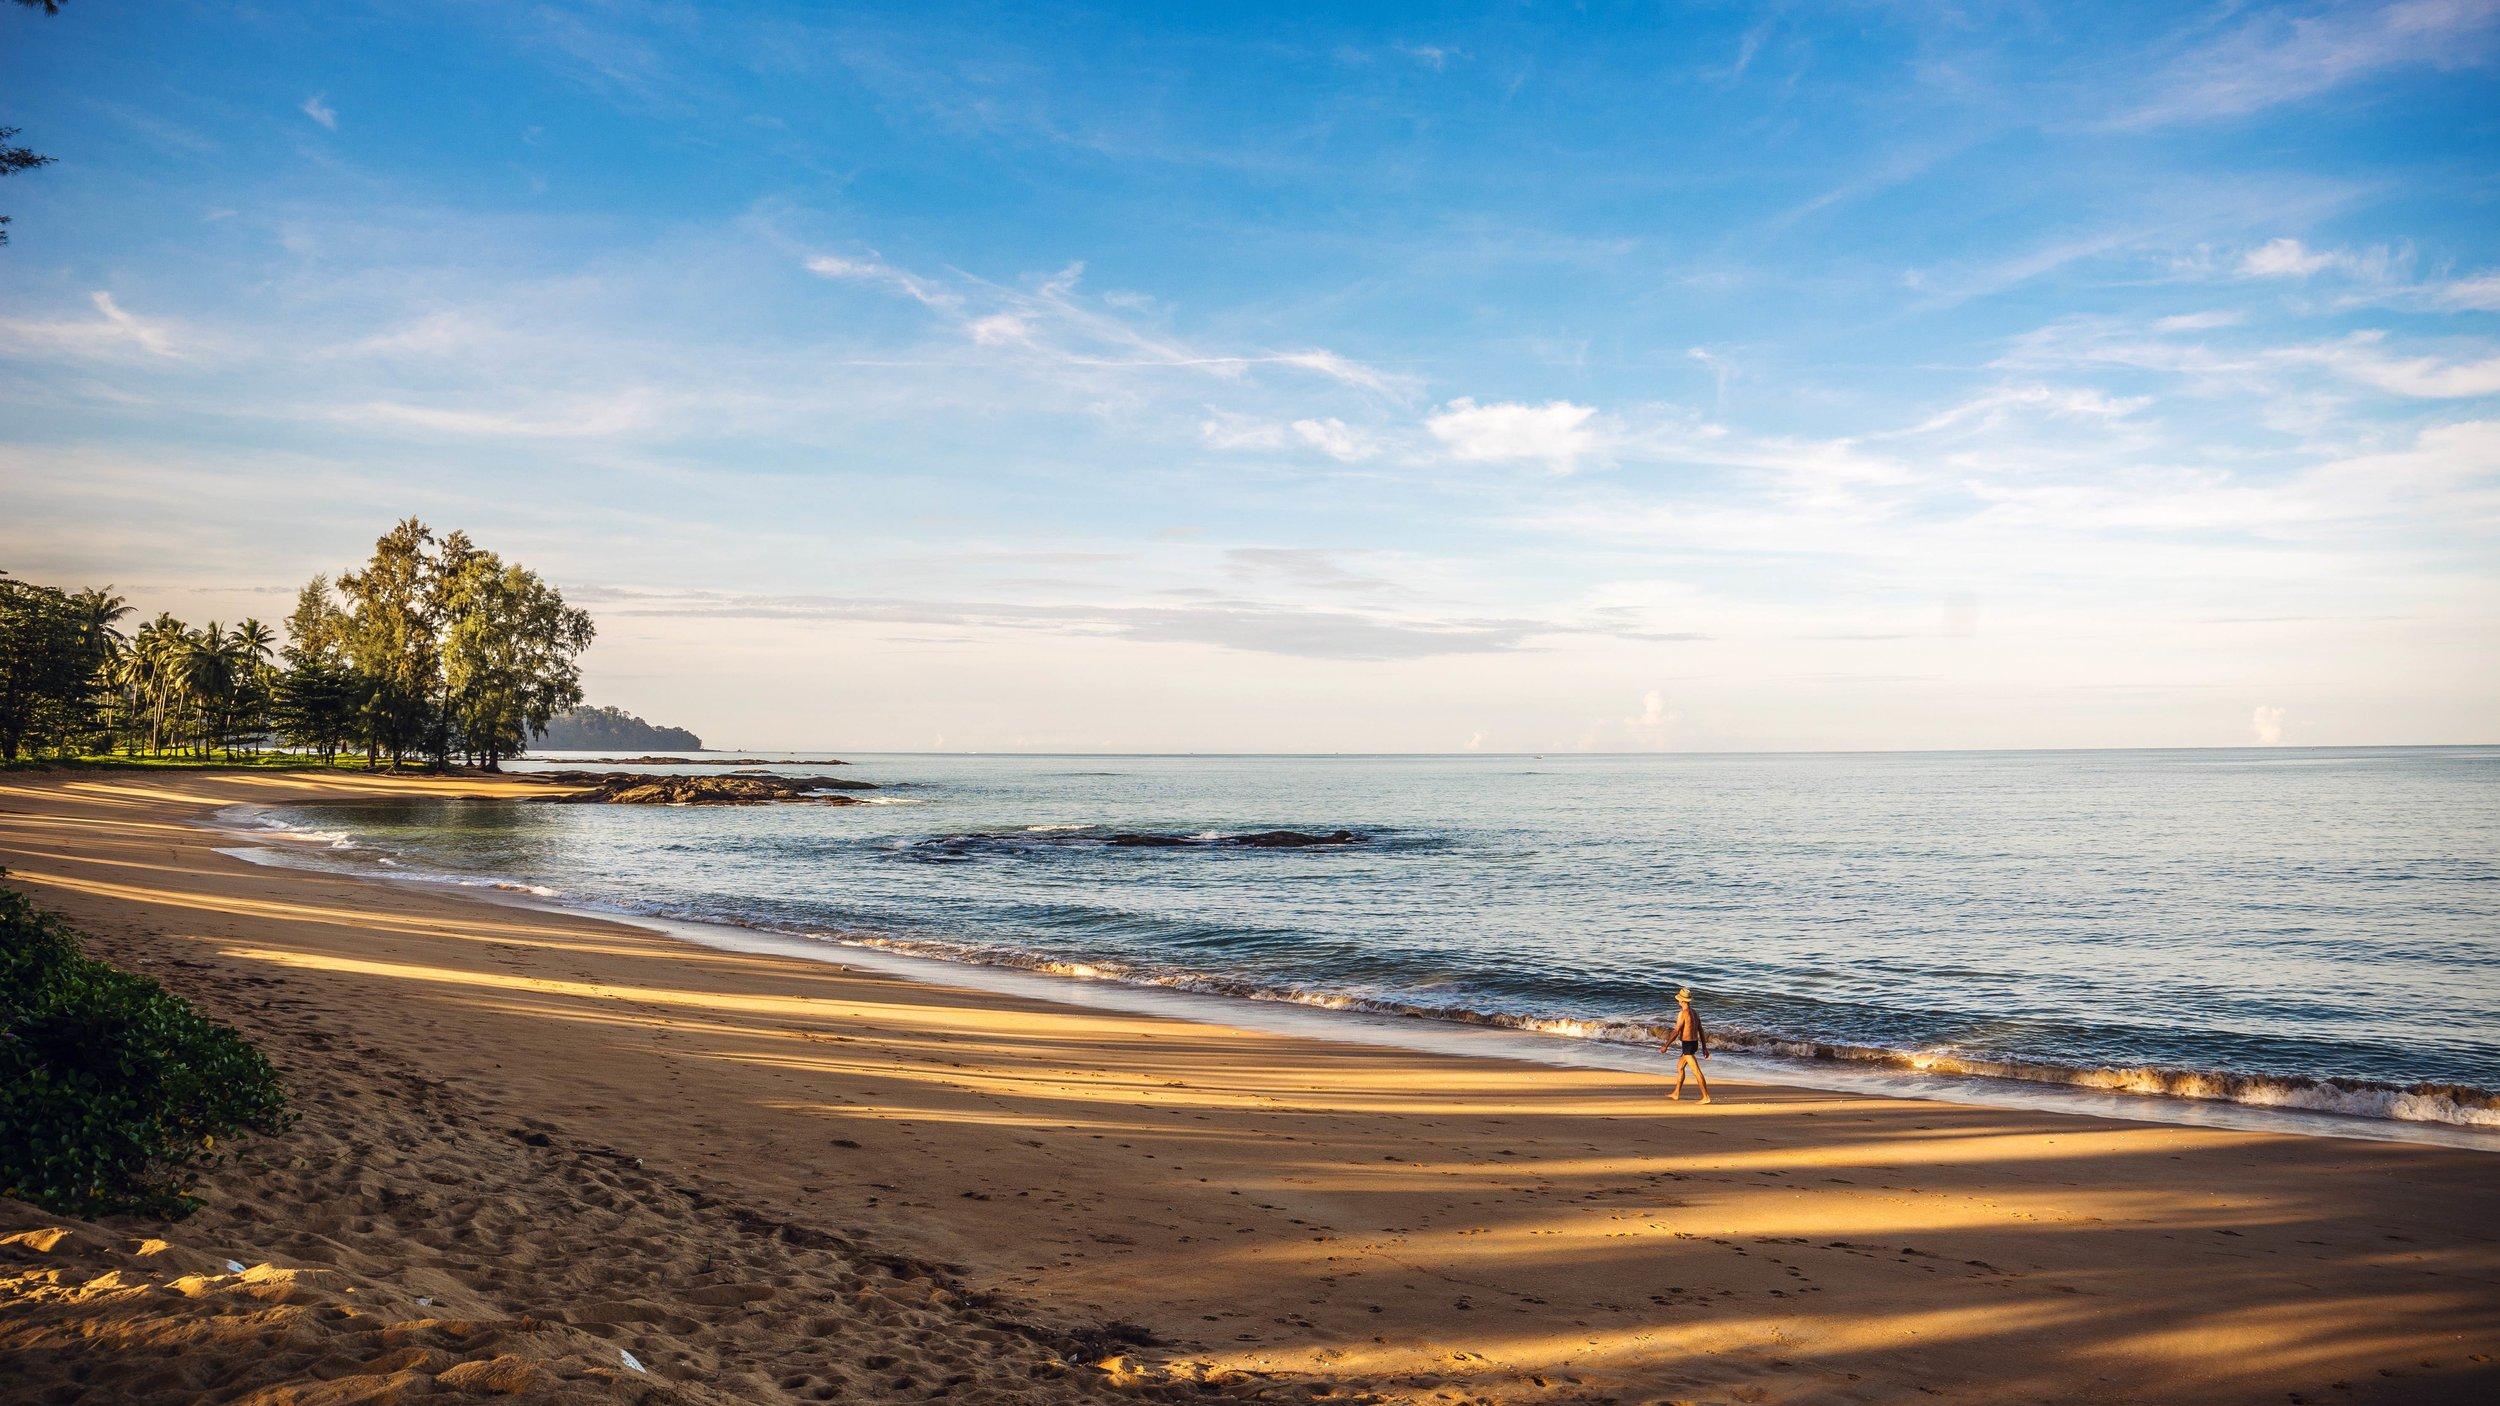 beach_001_30736595616_o.jpg